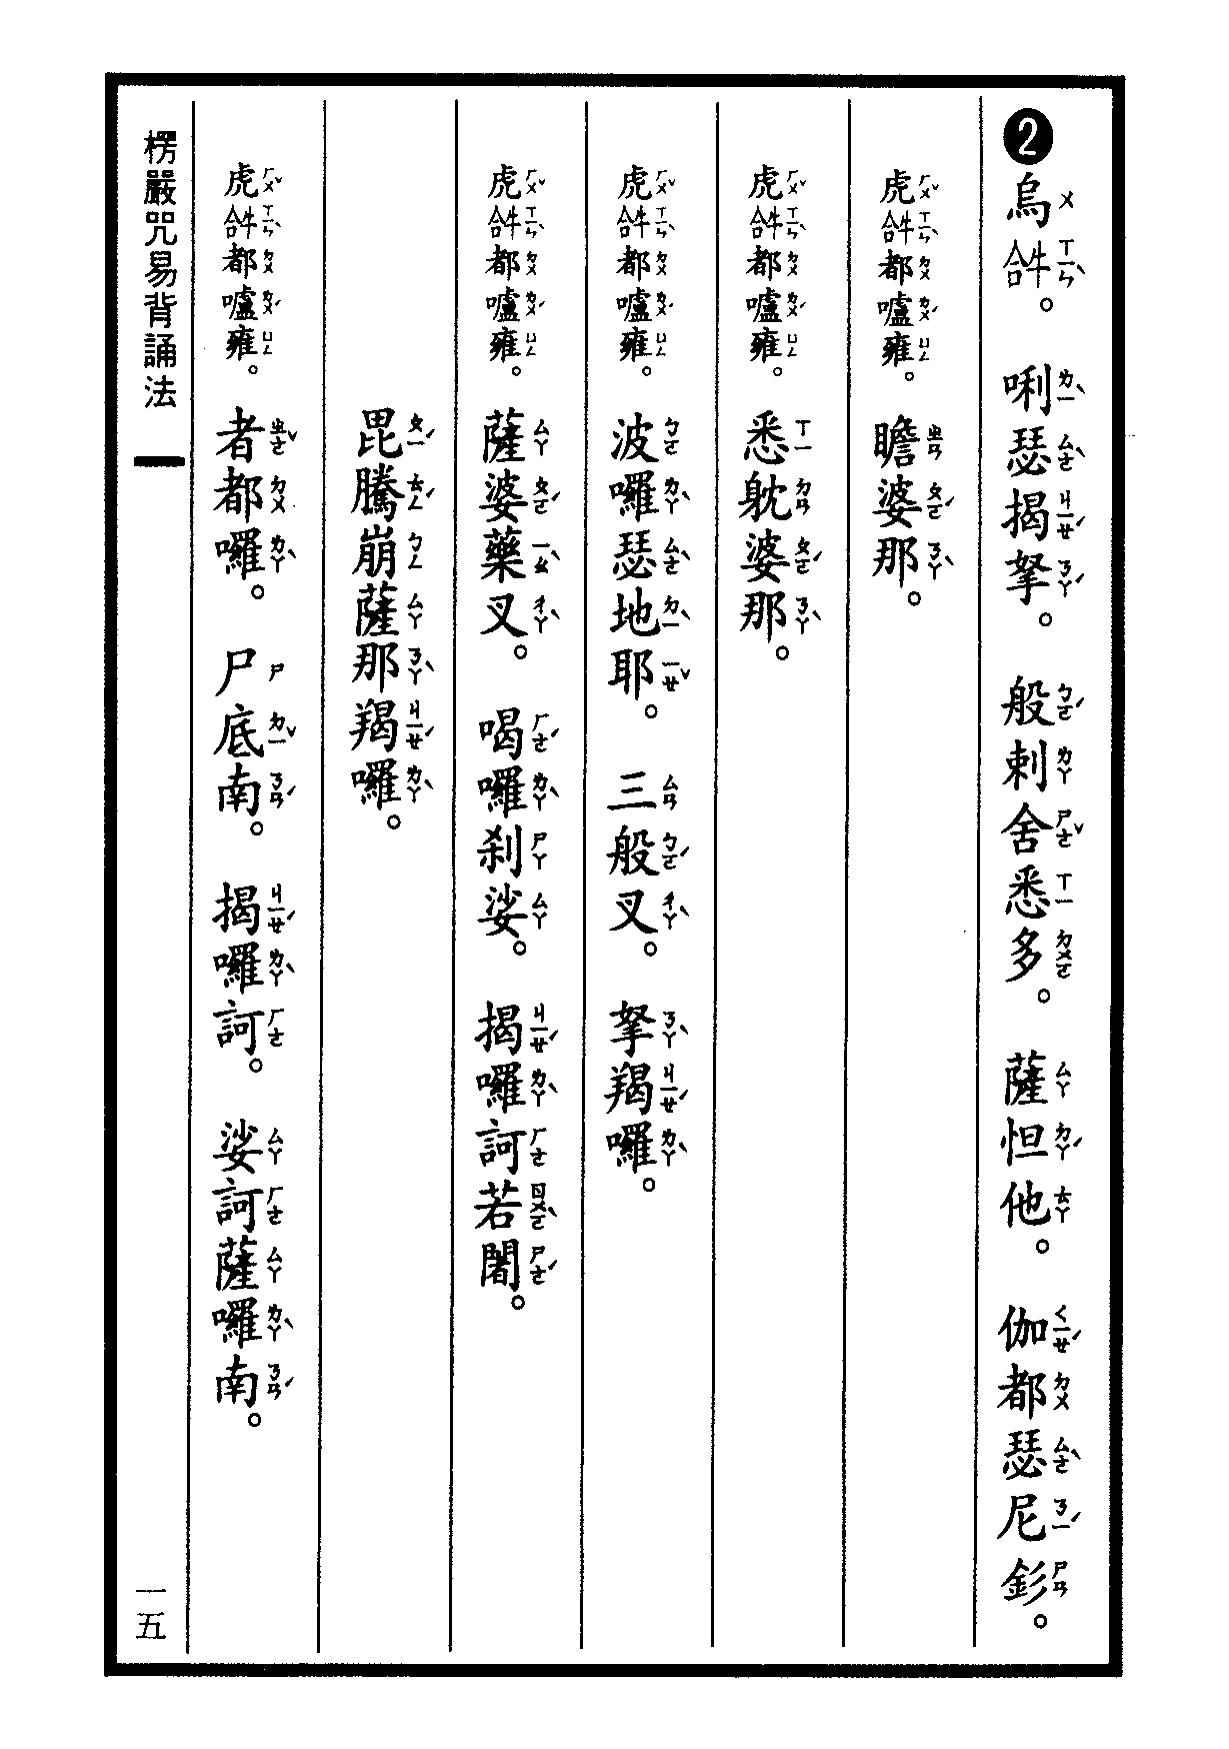 楞嚴咒-大悲咒-十小咒-易背本 21.png